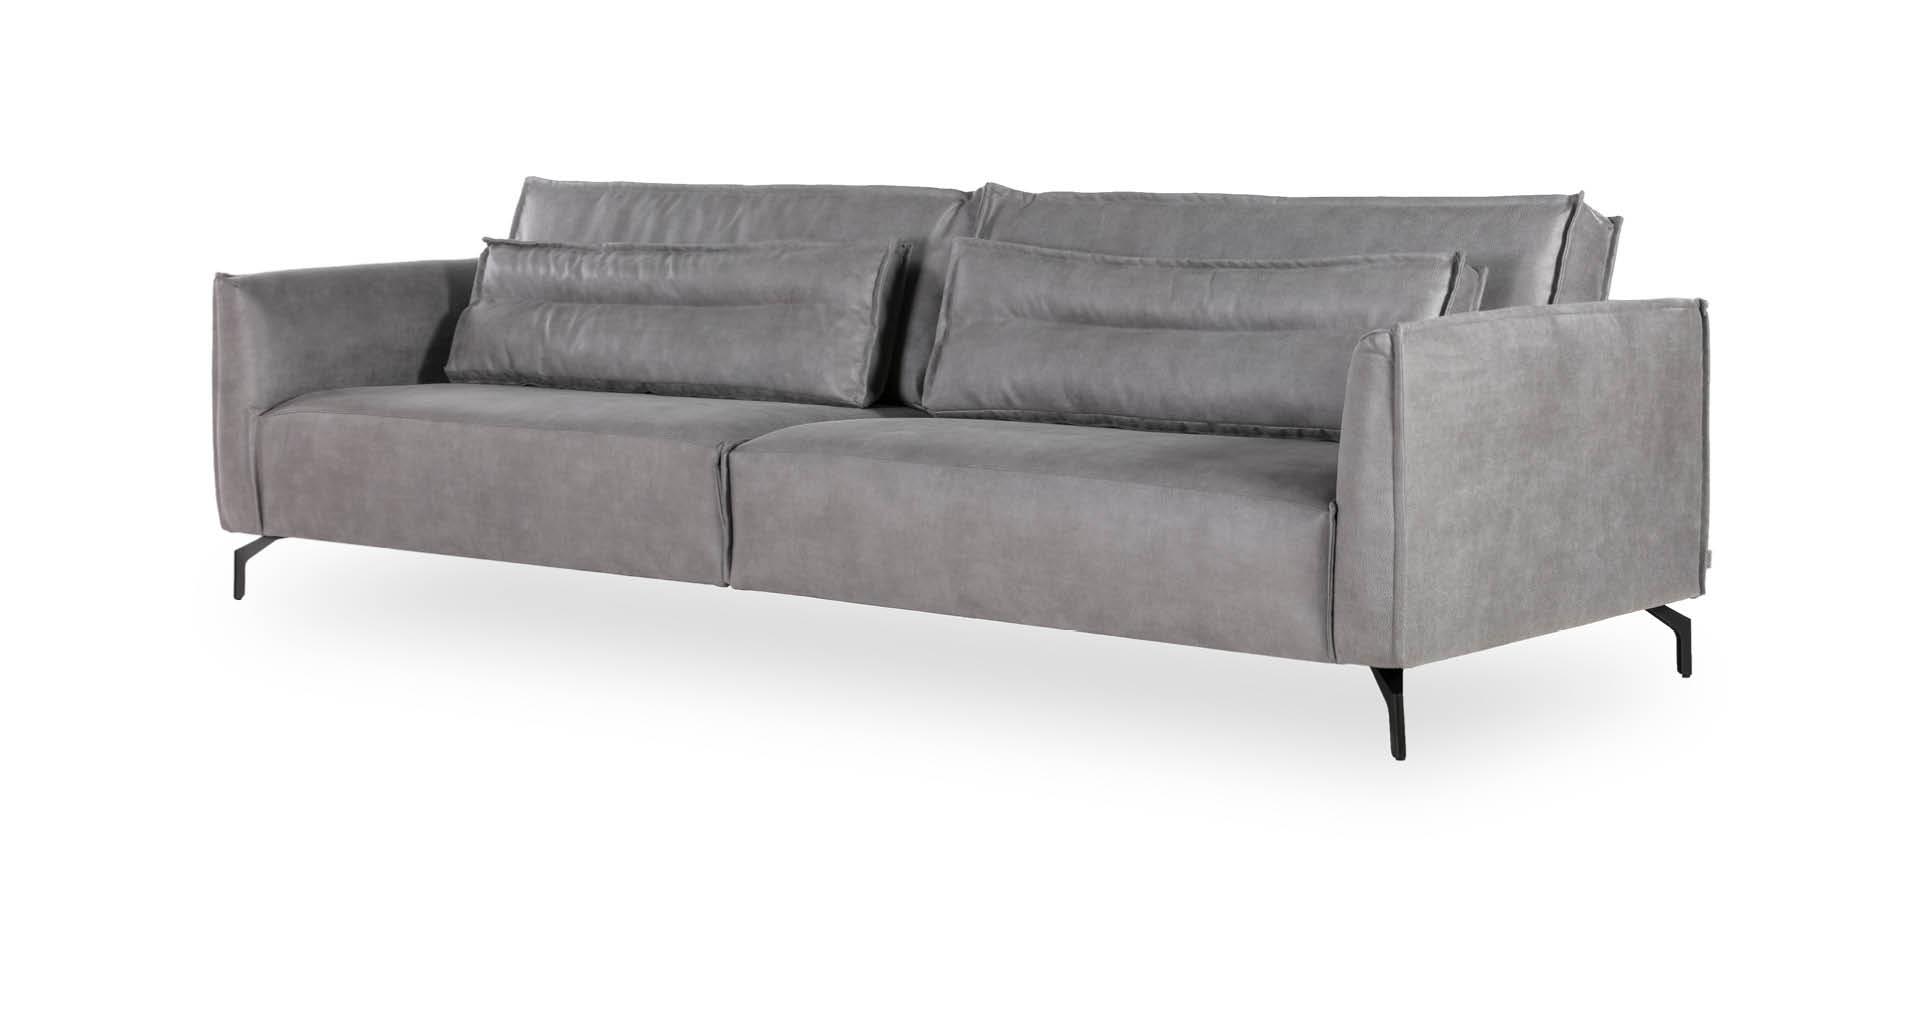 """ספה קרט 295 ס""""מ בגוון אפור אוורירי"""